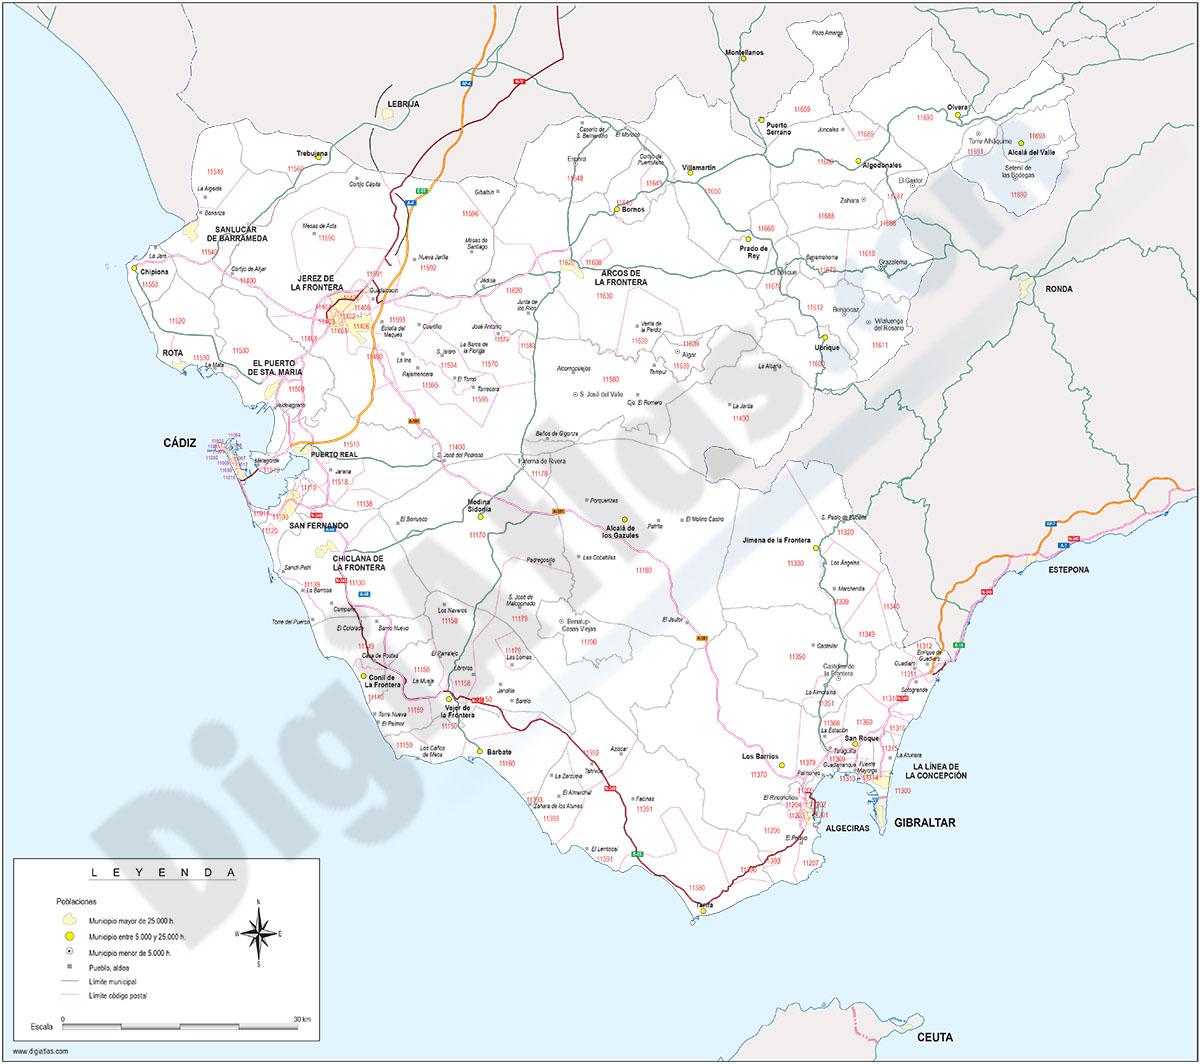 Cádiz - mapa provincial con municipios, Códigos Postales y carreteras.